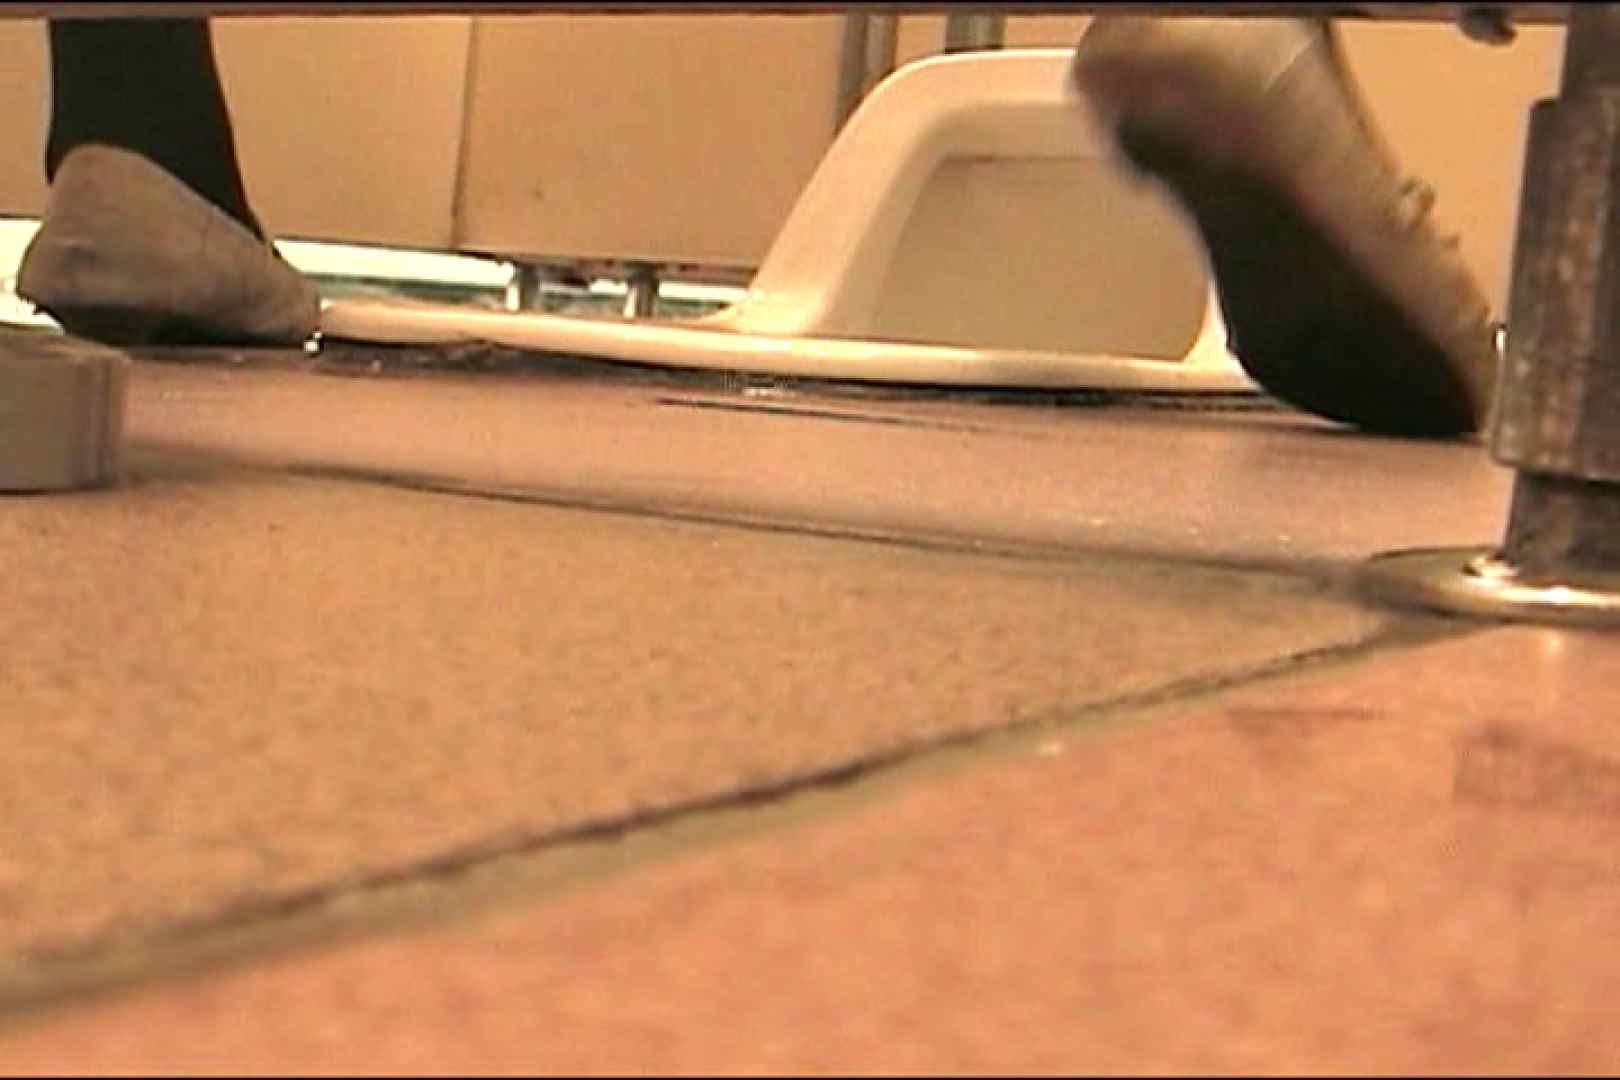 マンコ丸見え女子洗面所Vol.44 おまんこ無修正 隠し撮りオマンコ動画紹介 57pic 46